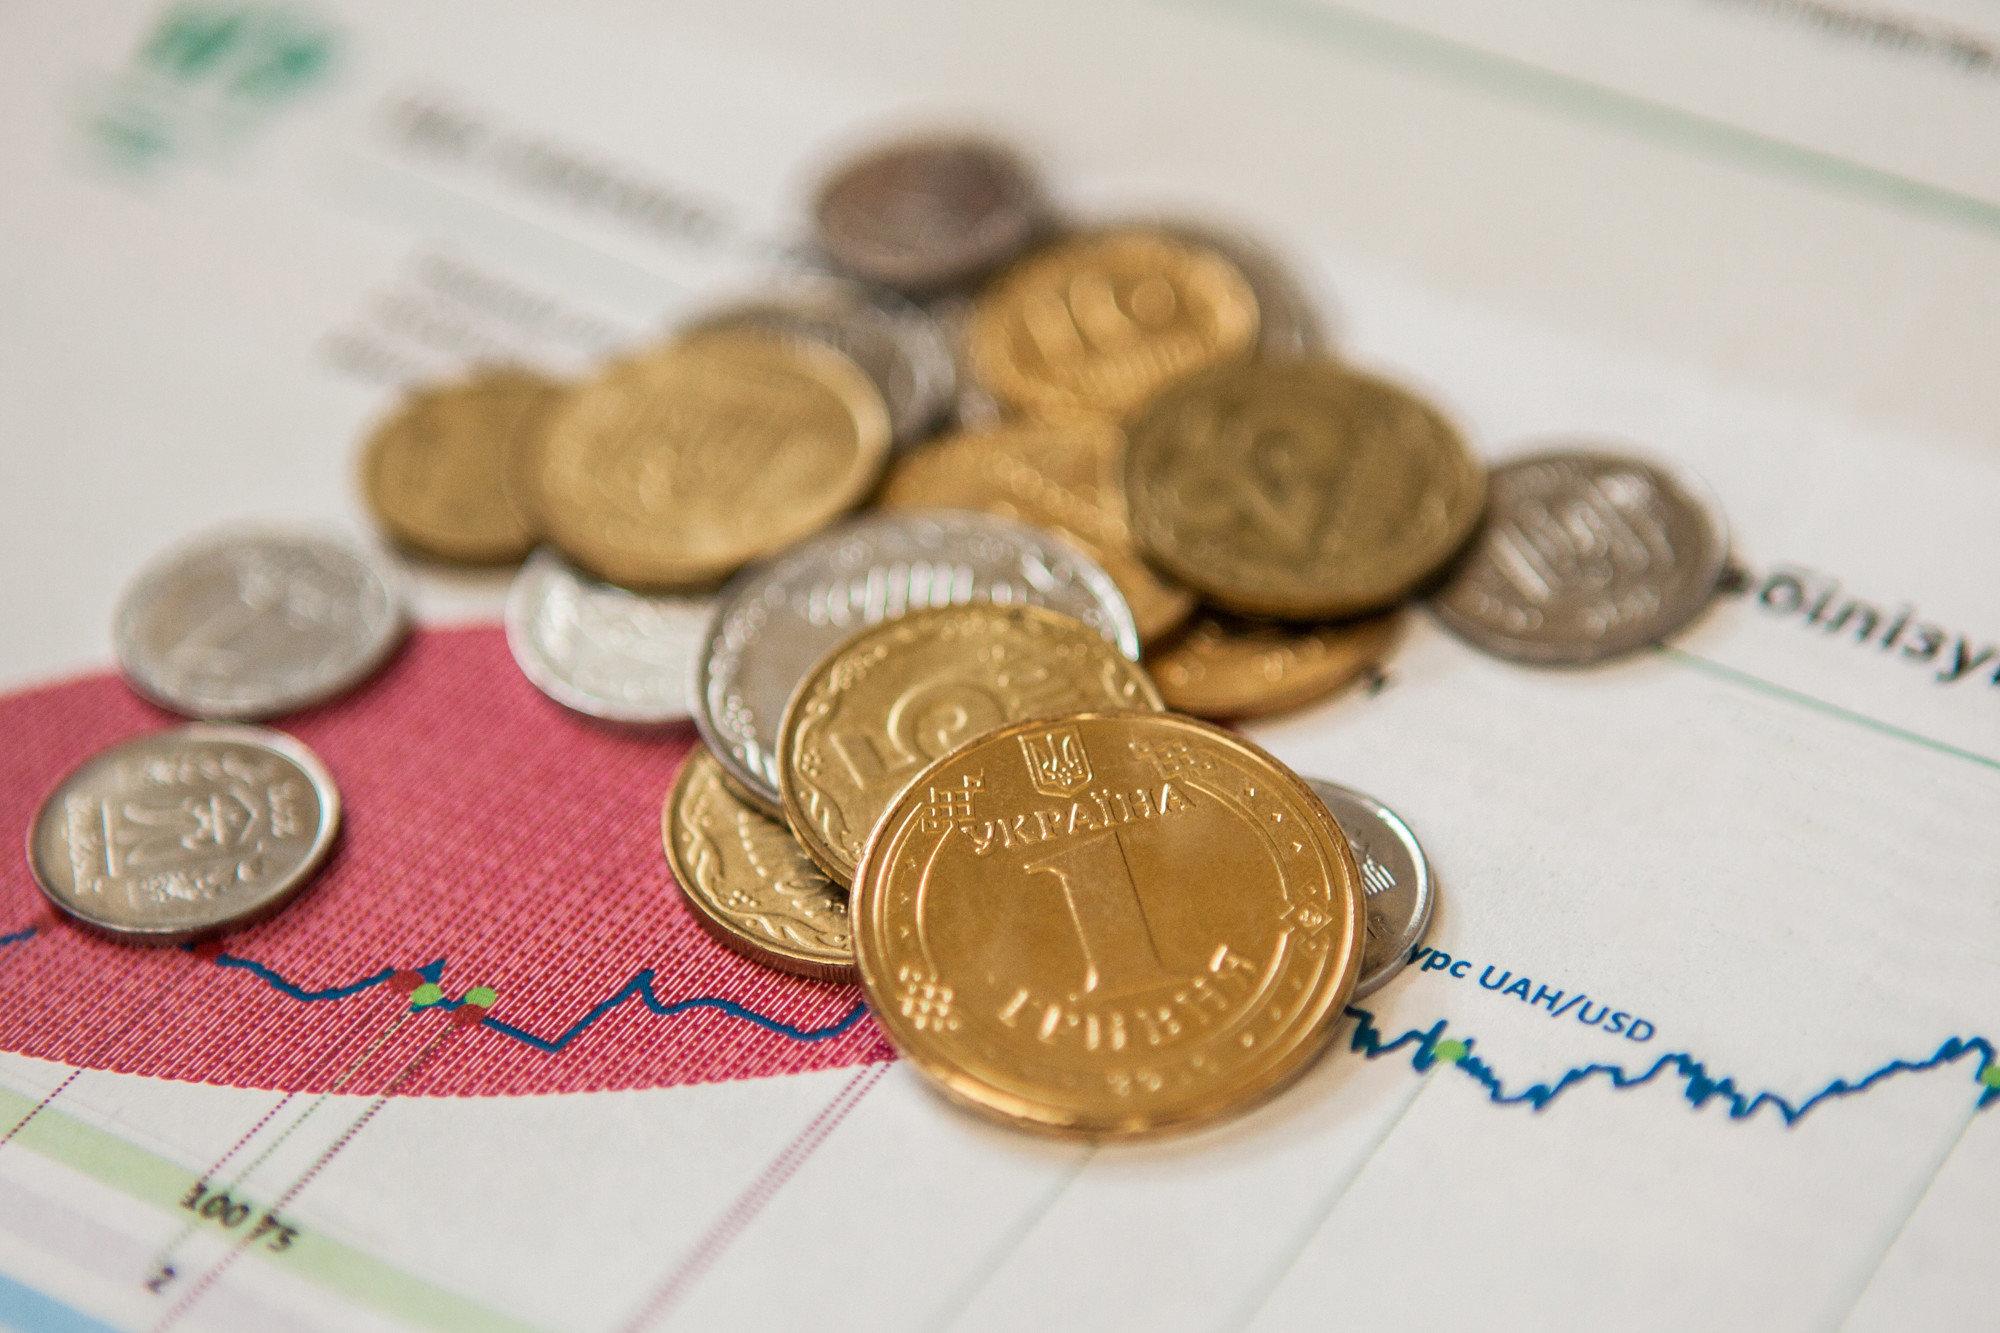 В Украине могут поднять налоги, чтобы хватило на пенсии